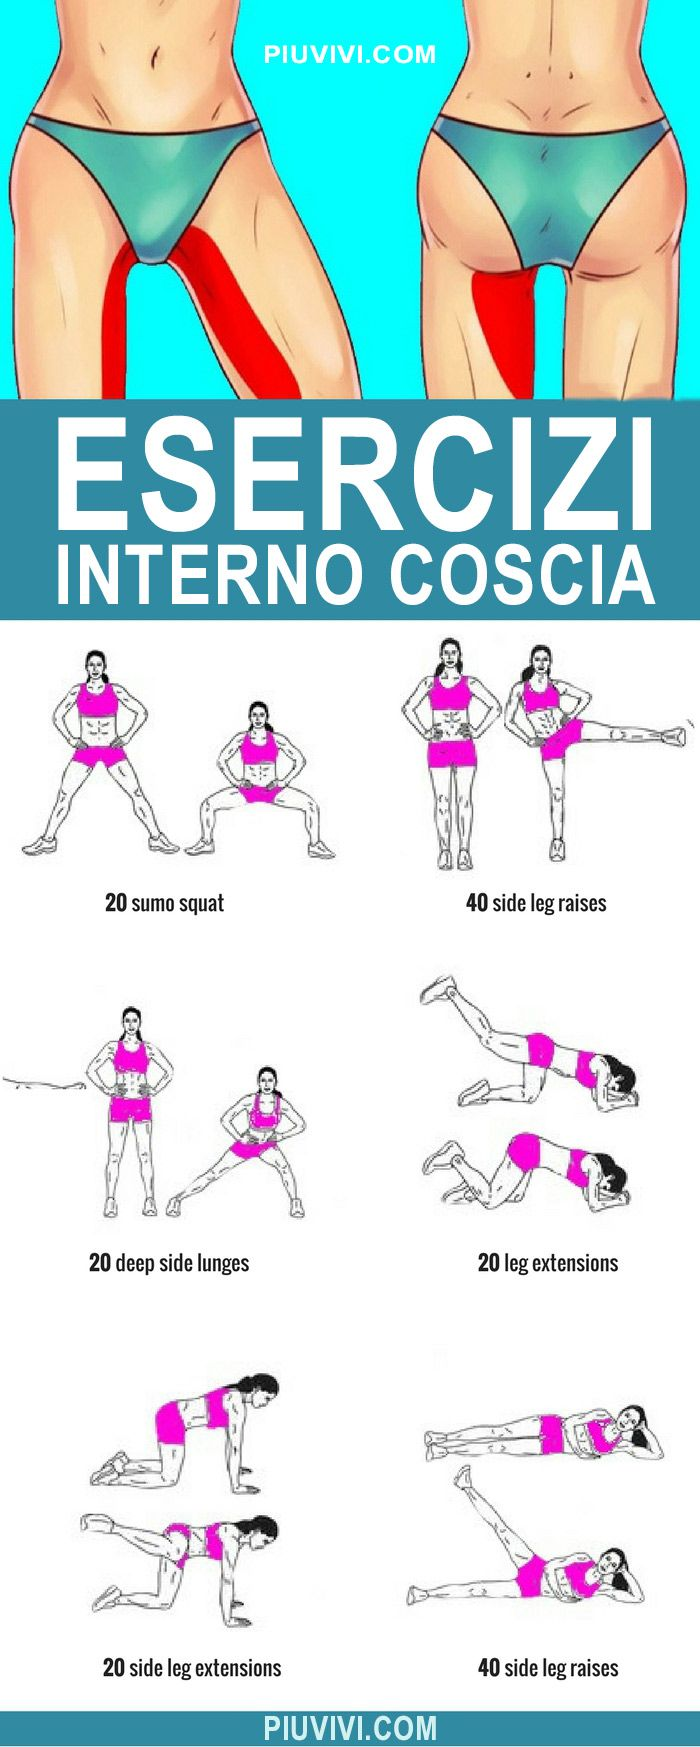 ESERCIZI INTERNO COSCIA #routine